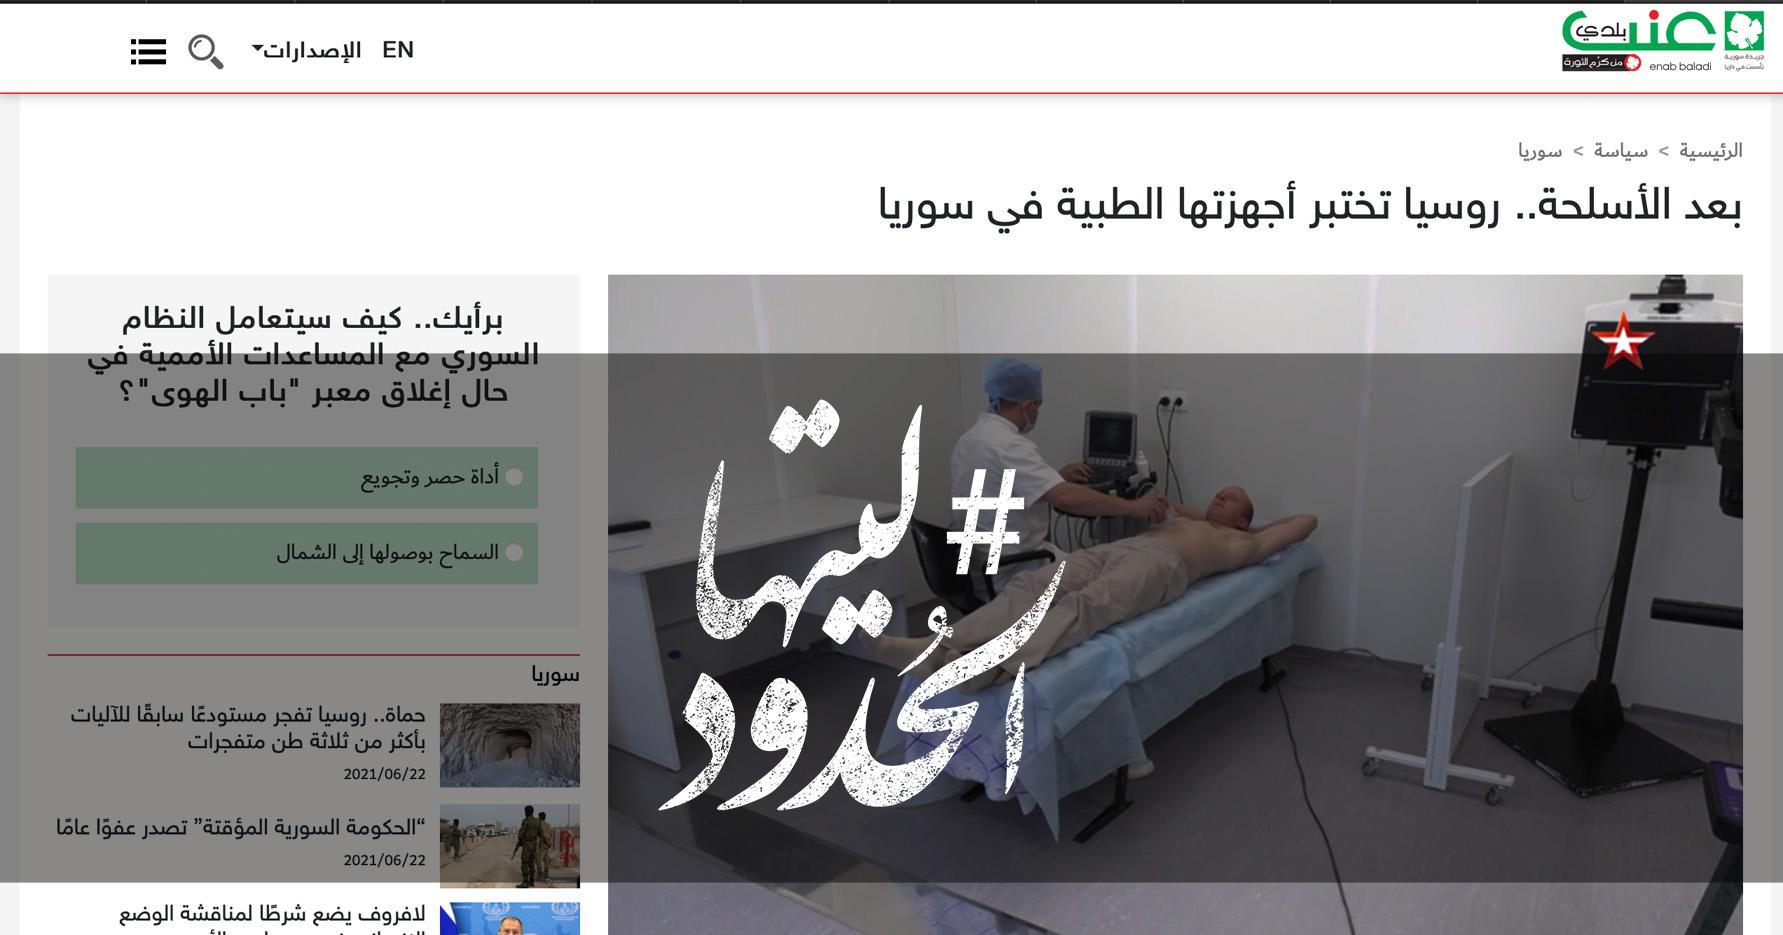 صورة بعد الأسلحة.. روسيا تختبر أجهزتها الطبية في سوريا